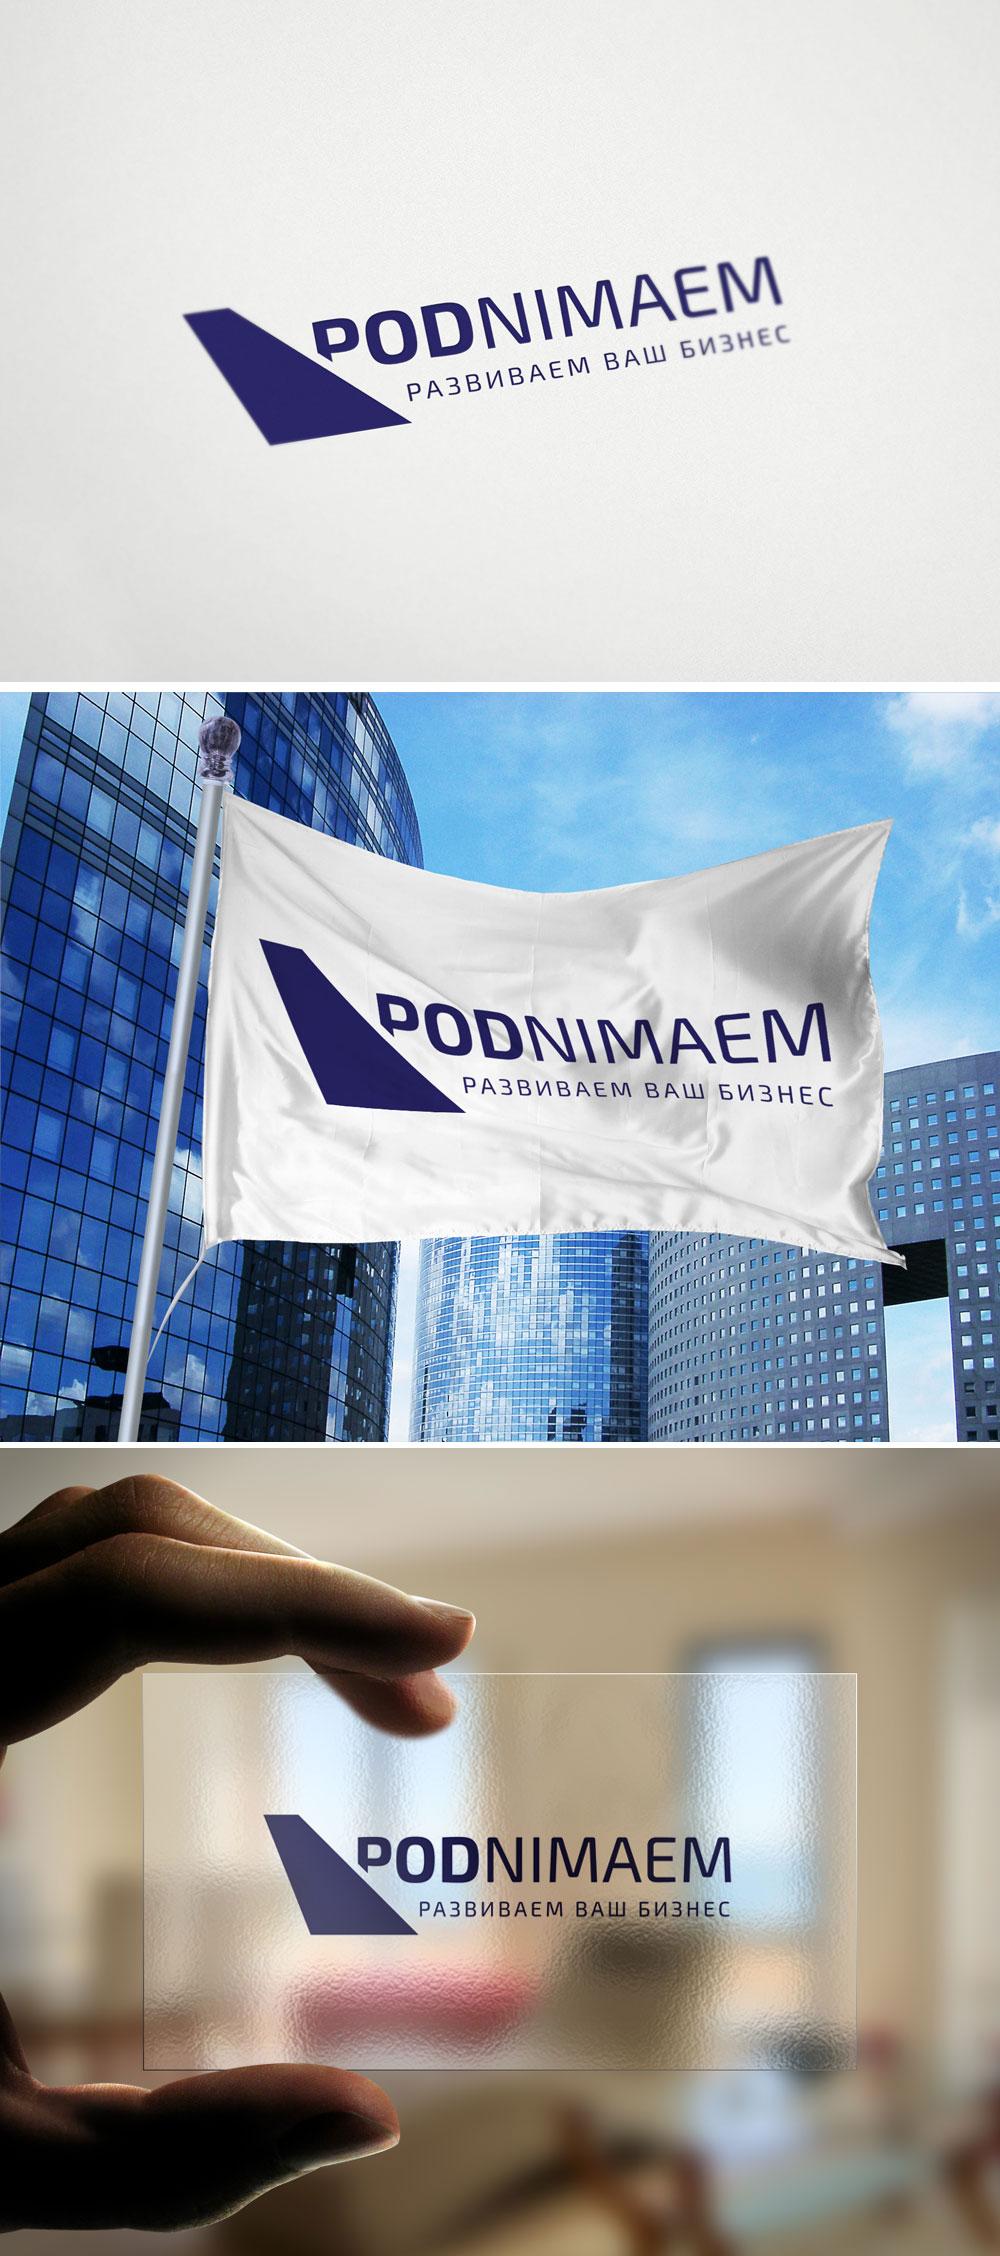 Разработать логотип + визитку + логотип для печати ООО +++ фото f_659554c8b11e7bf0.jpg